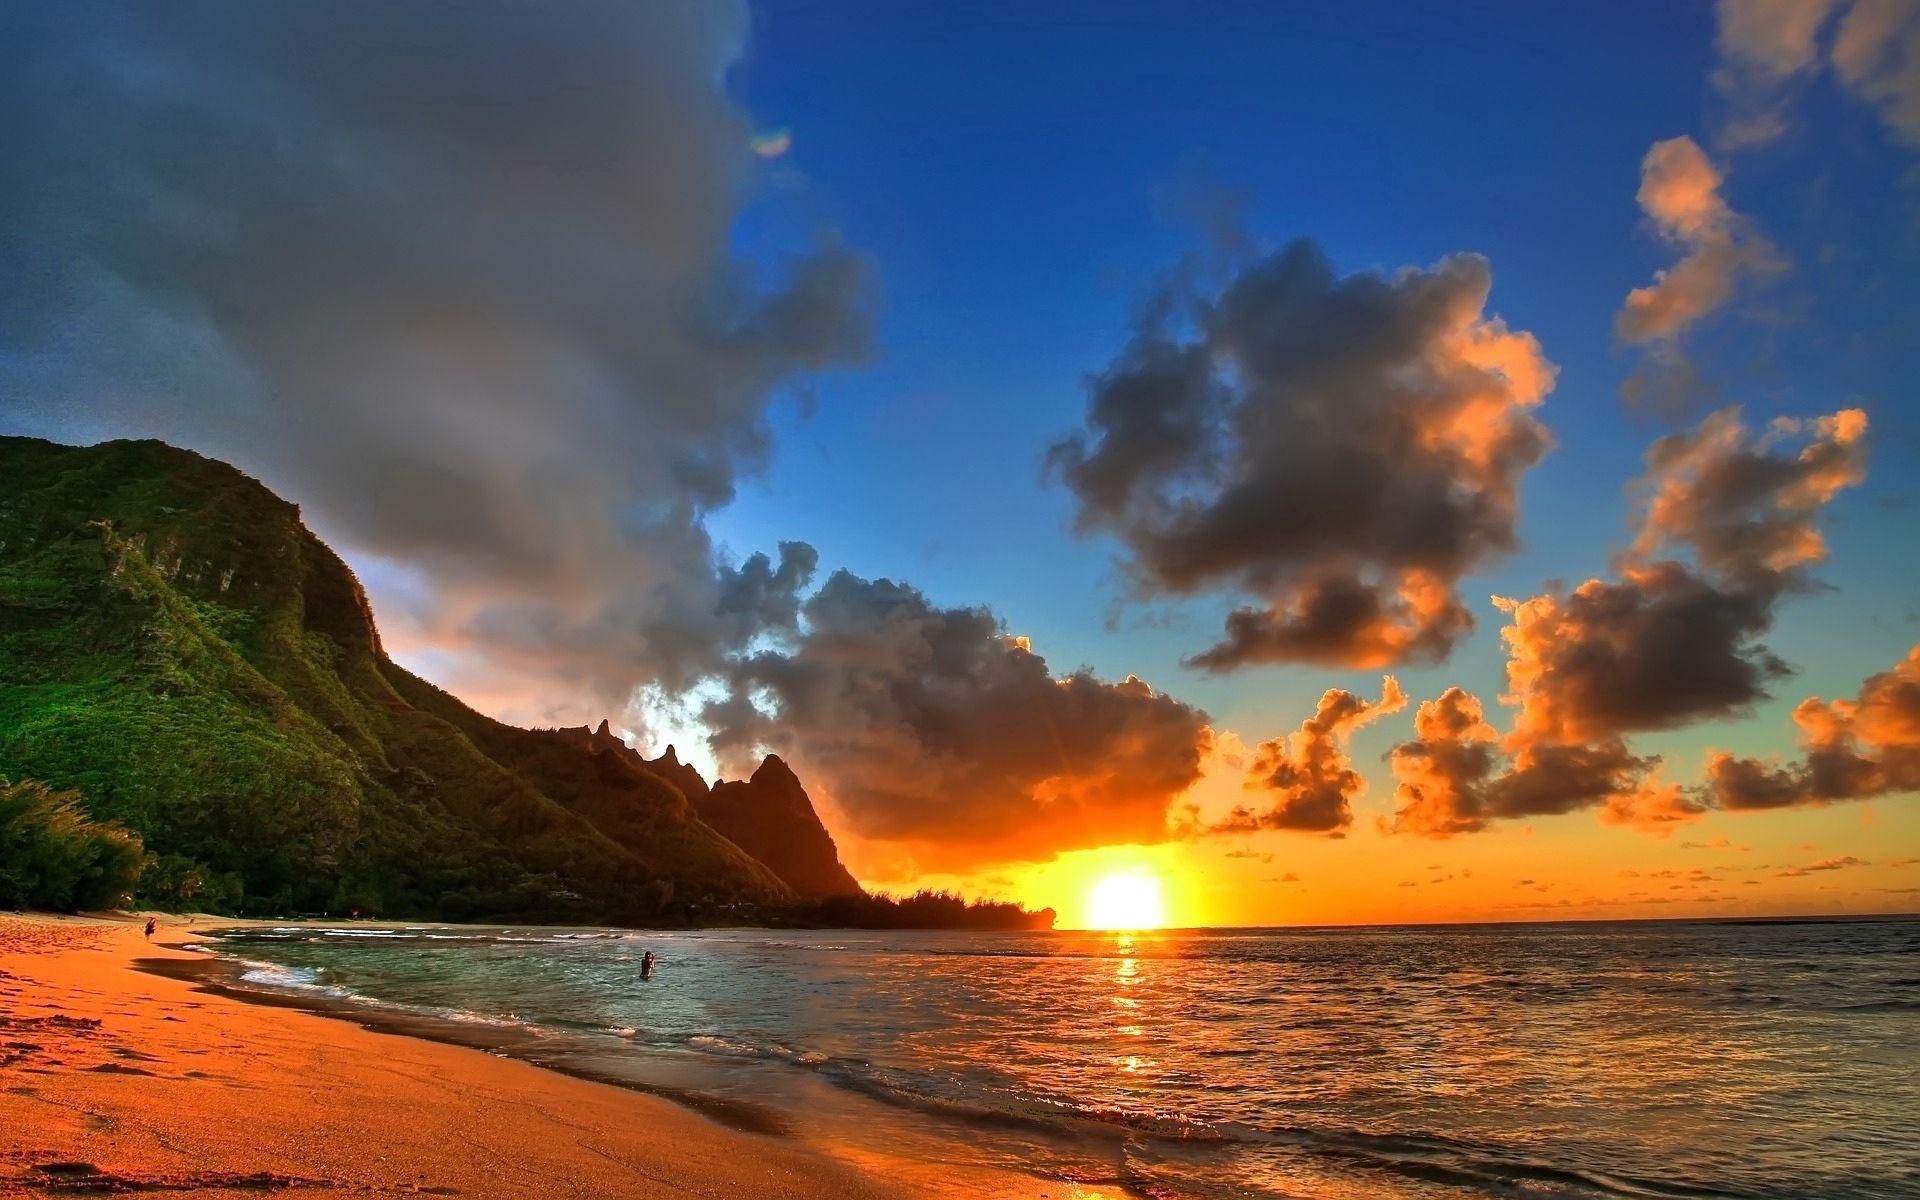 72939 скачать обои Закат, Море, Природа, Солнце, Горы, Облака, Пляж, Берег, Вечер, Штиль - заставки и картинки бесплатно